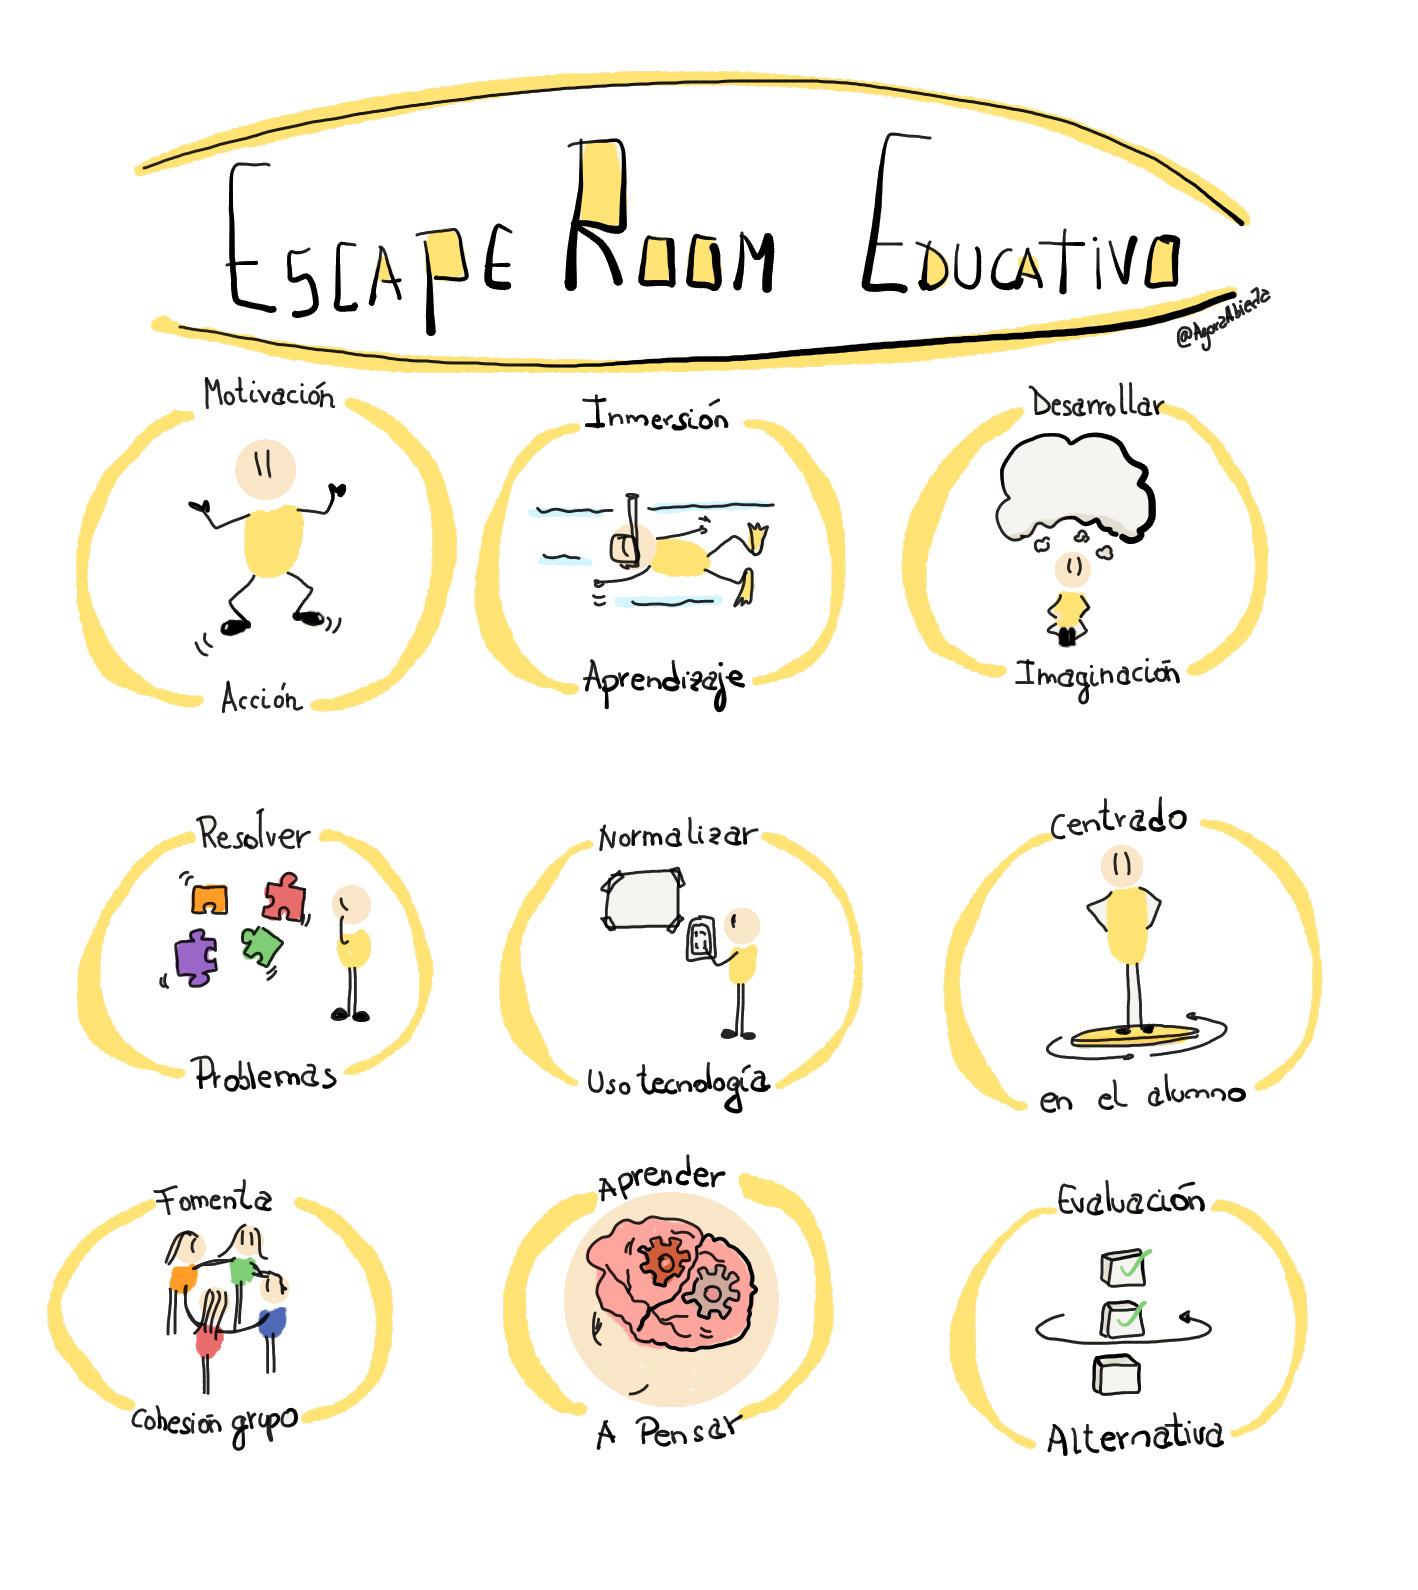 Resultado de imagen de escape room en educacion